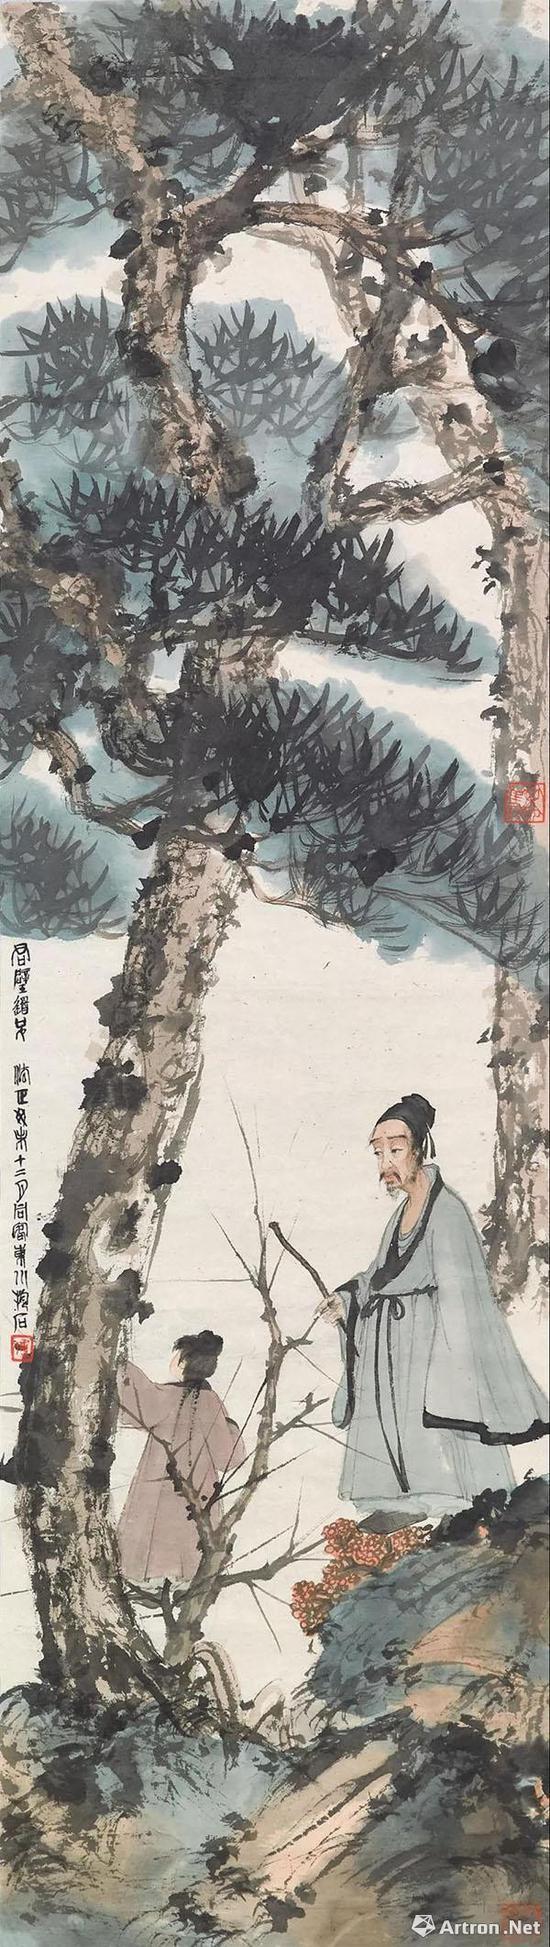 傅抱石《松下问童子》 108.5×31cm1943年作